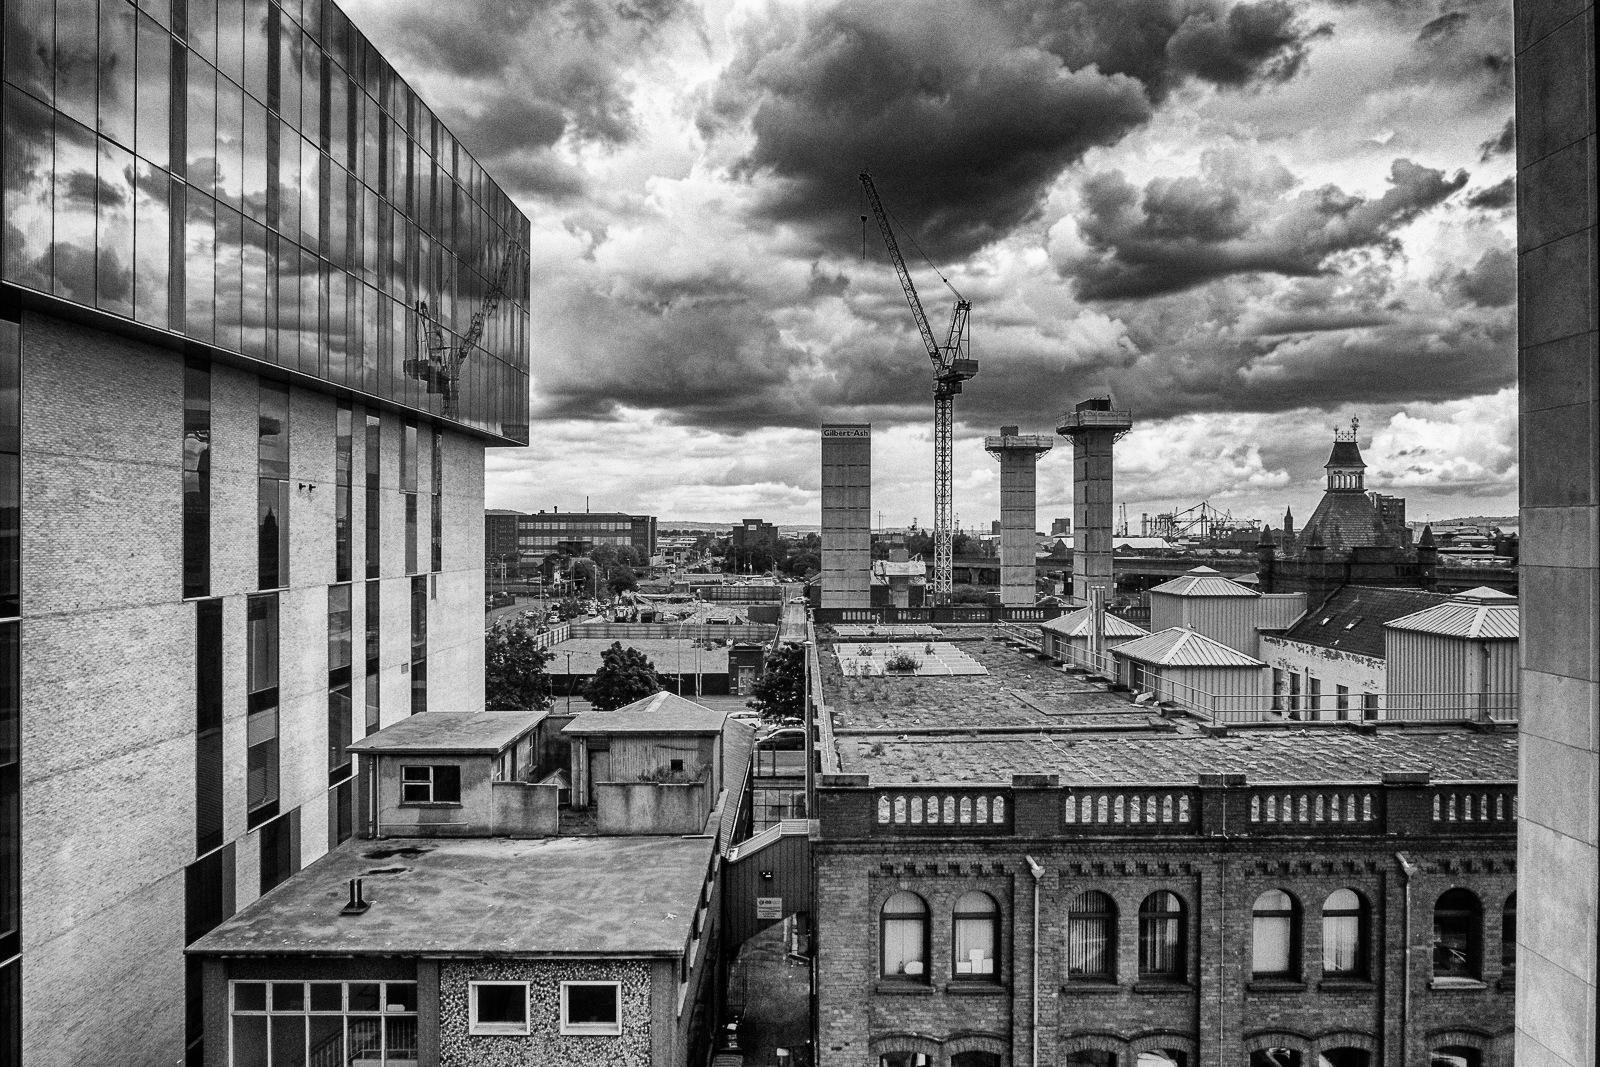 Stormy over Belfast by Iam Burn